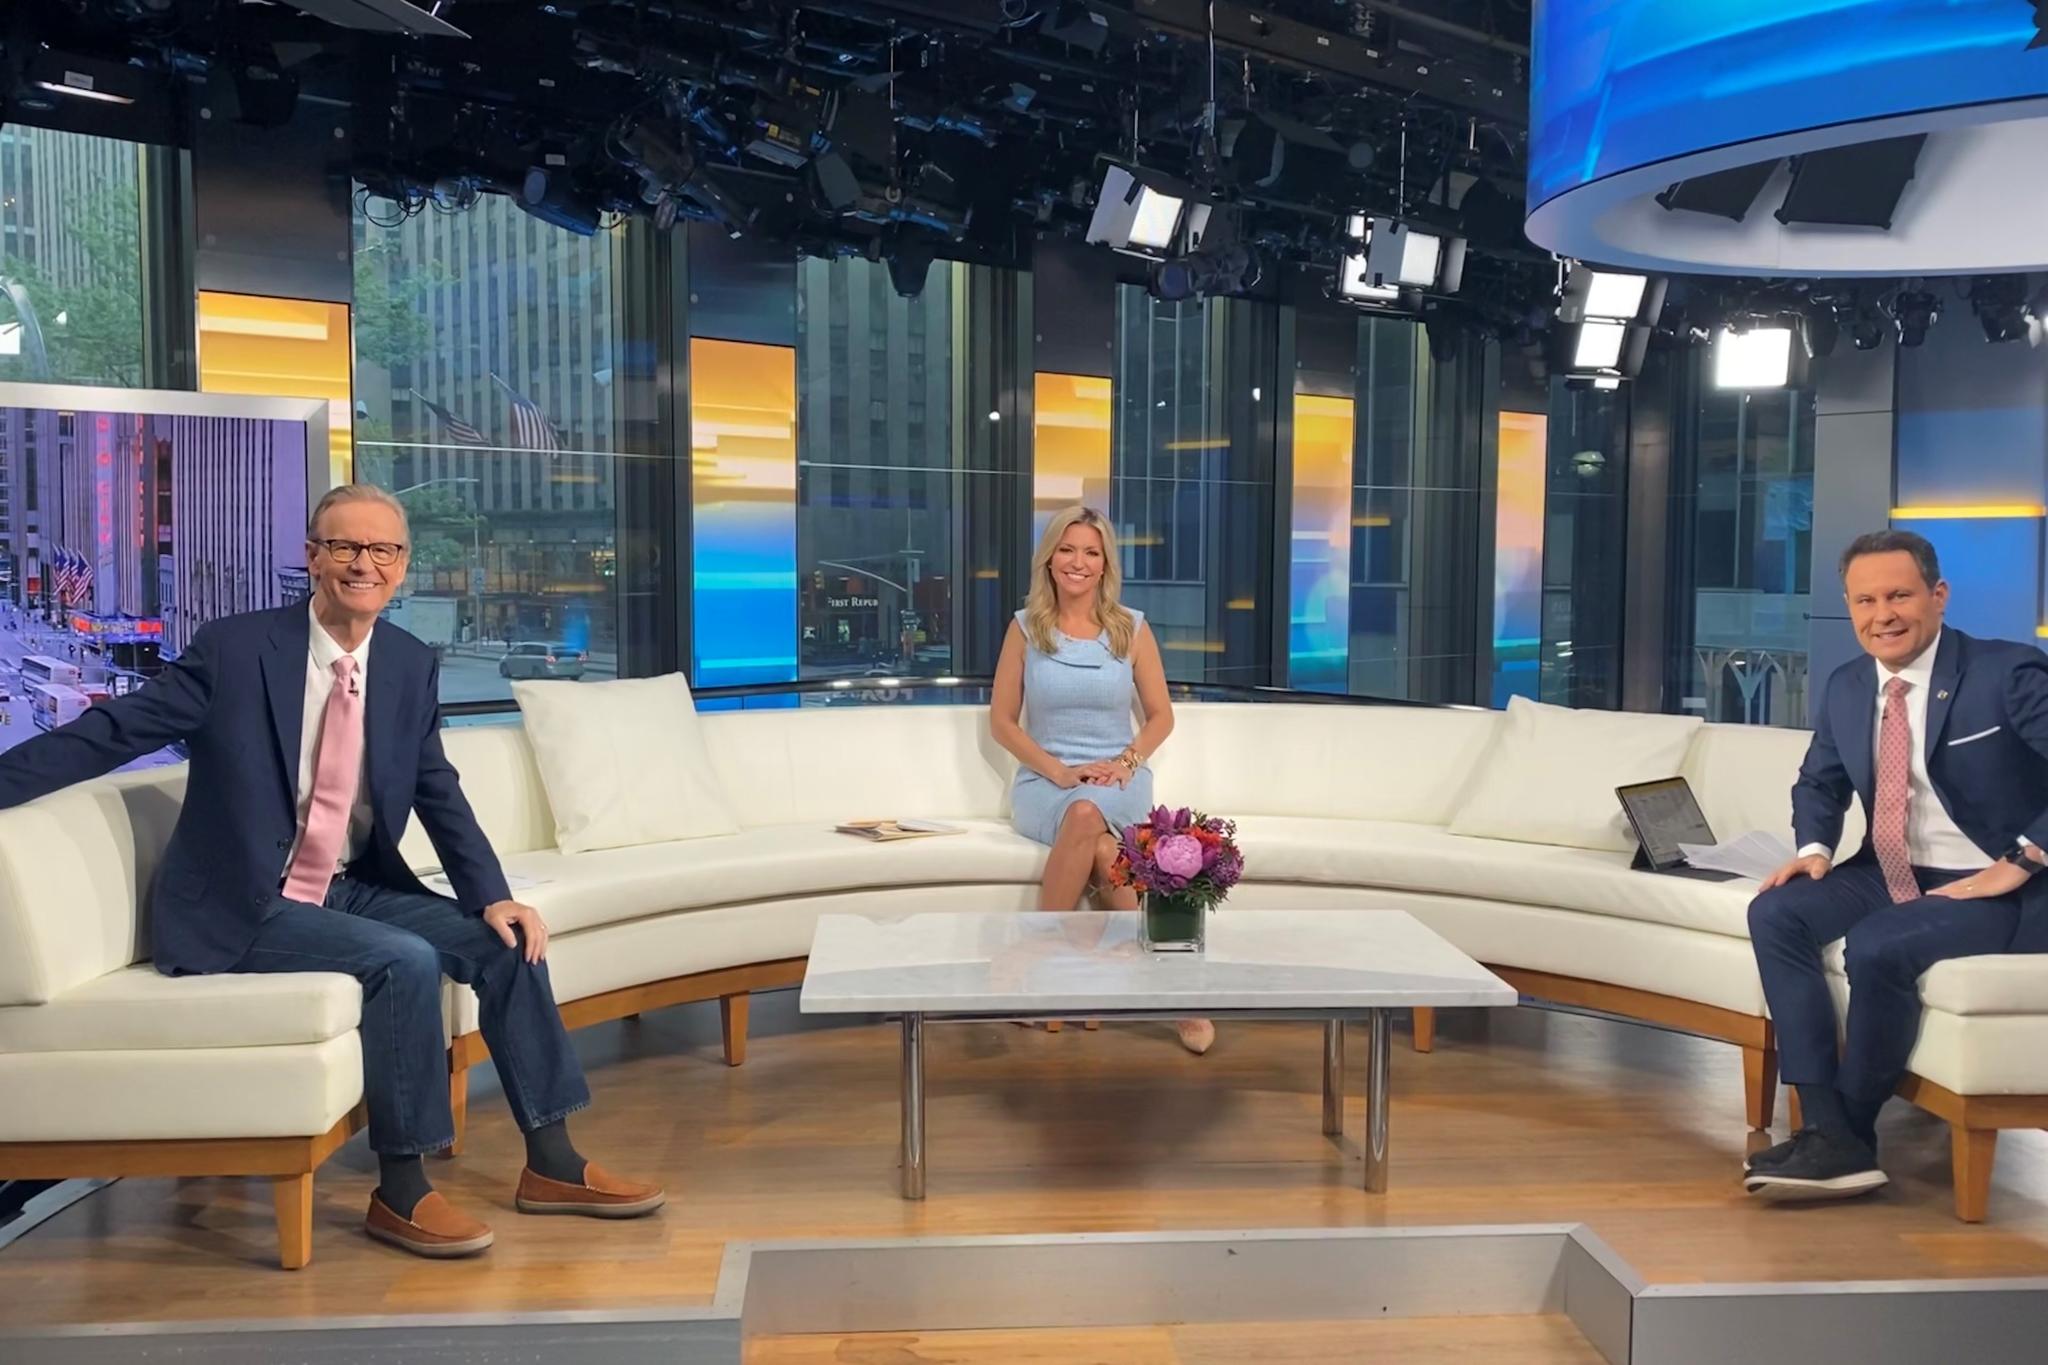 Fox & Friends co-hosts Steve Doocy, Ainsley Earhardt and Brian Kilmeade return to their sofa.